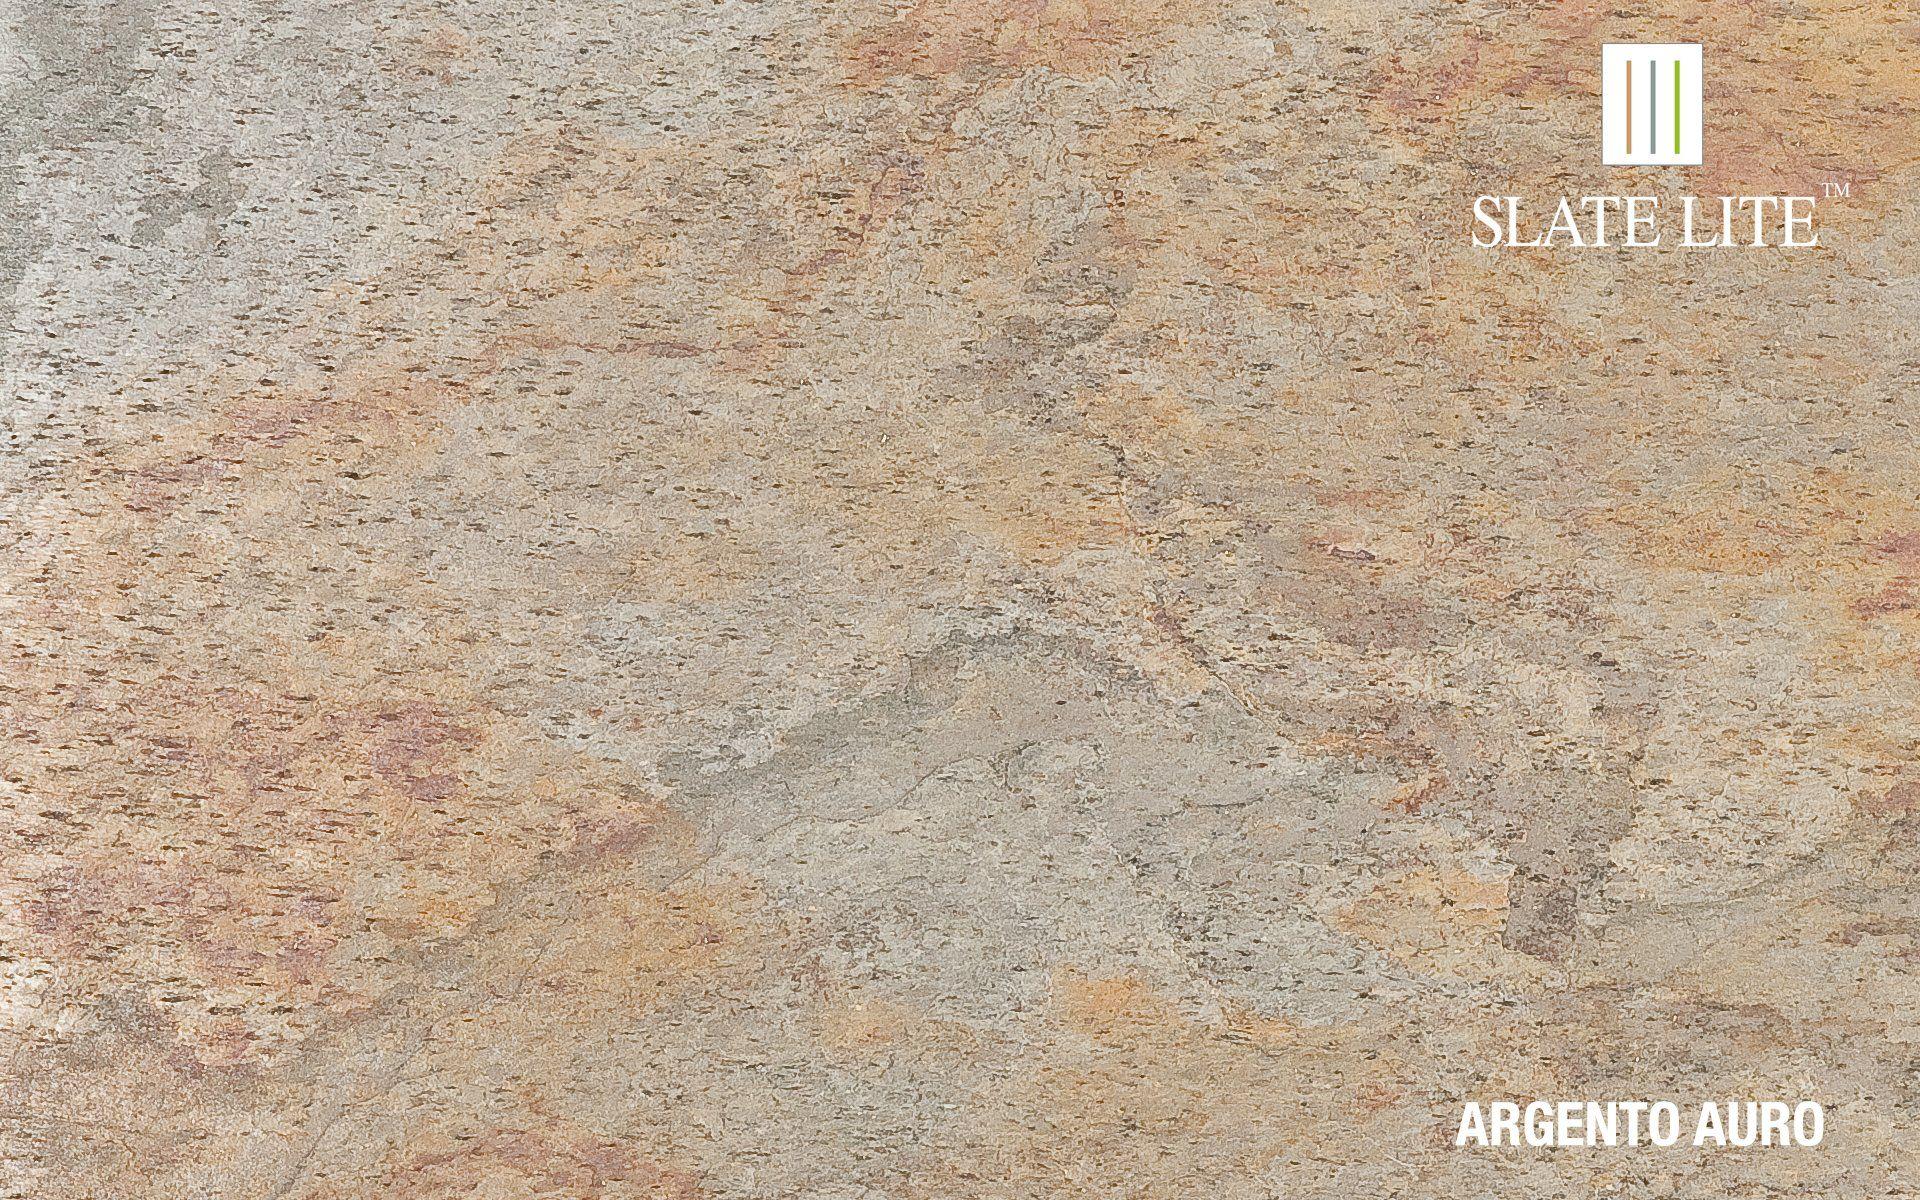 argentoauro01.jpg